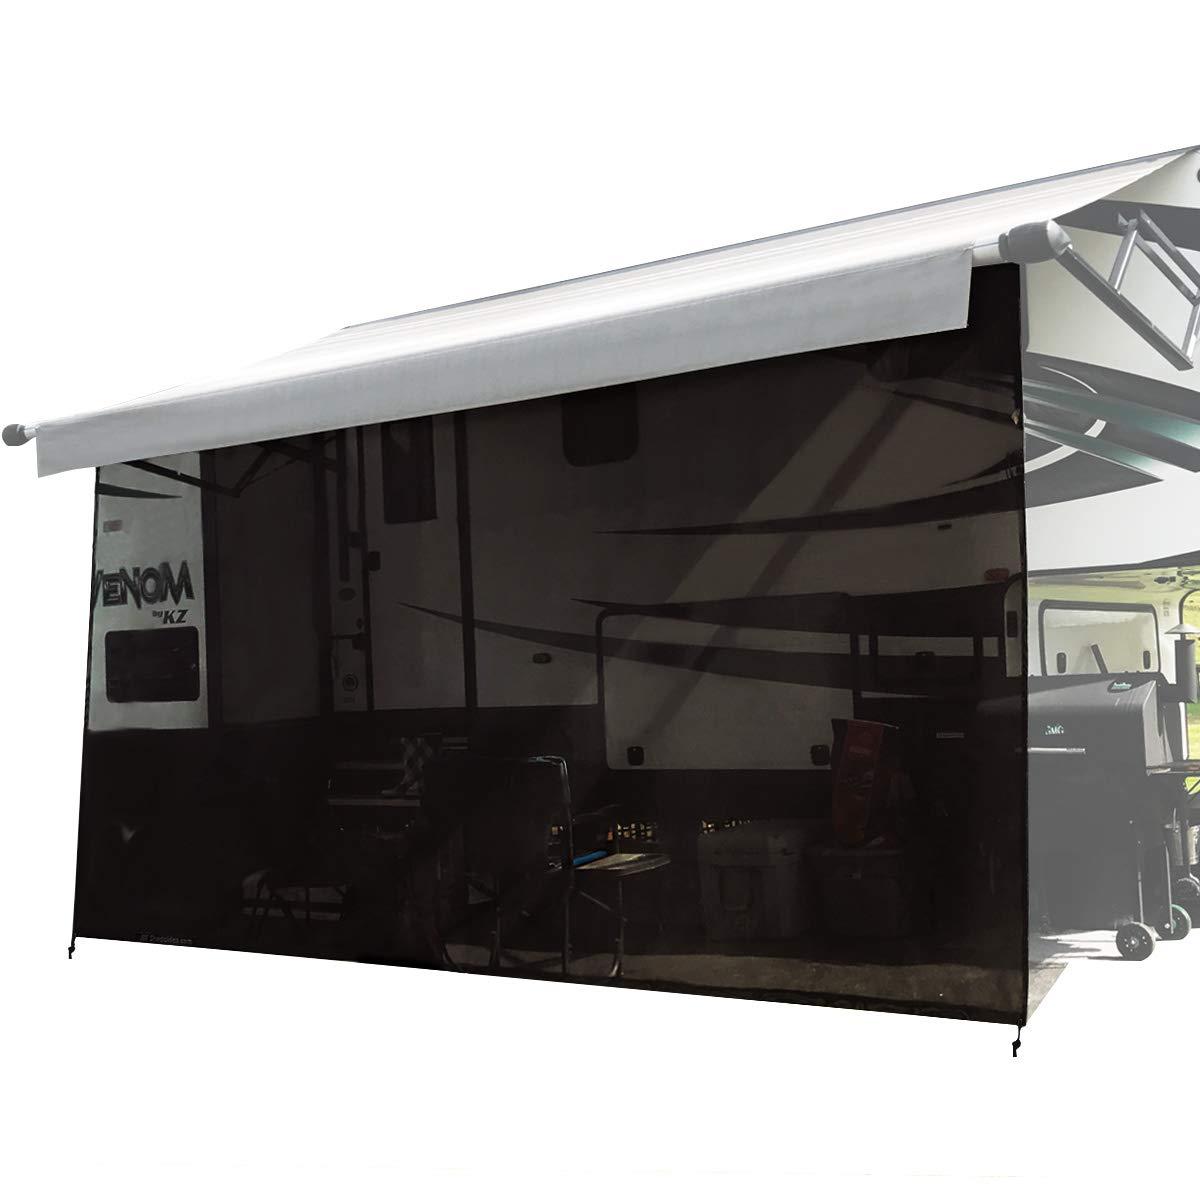 Shadeidea RV Sun Shade Screen for Awning 6 X 8 5 Brown Mesh Sunshade Motorhome Camping Trailer UV Sunblocker Canopy Sunscreen Offer 3 Years Warranty